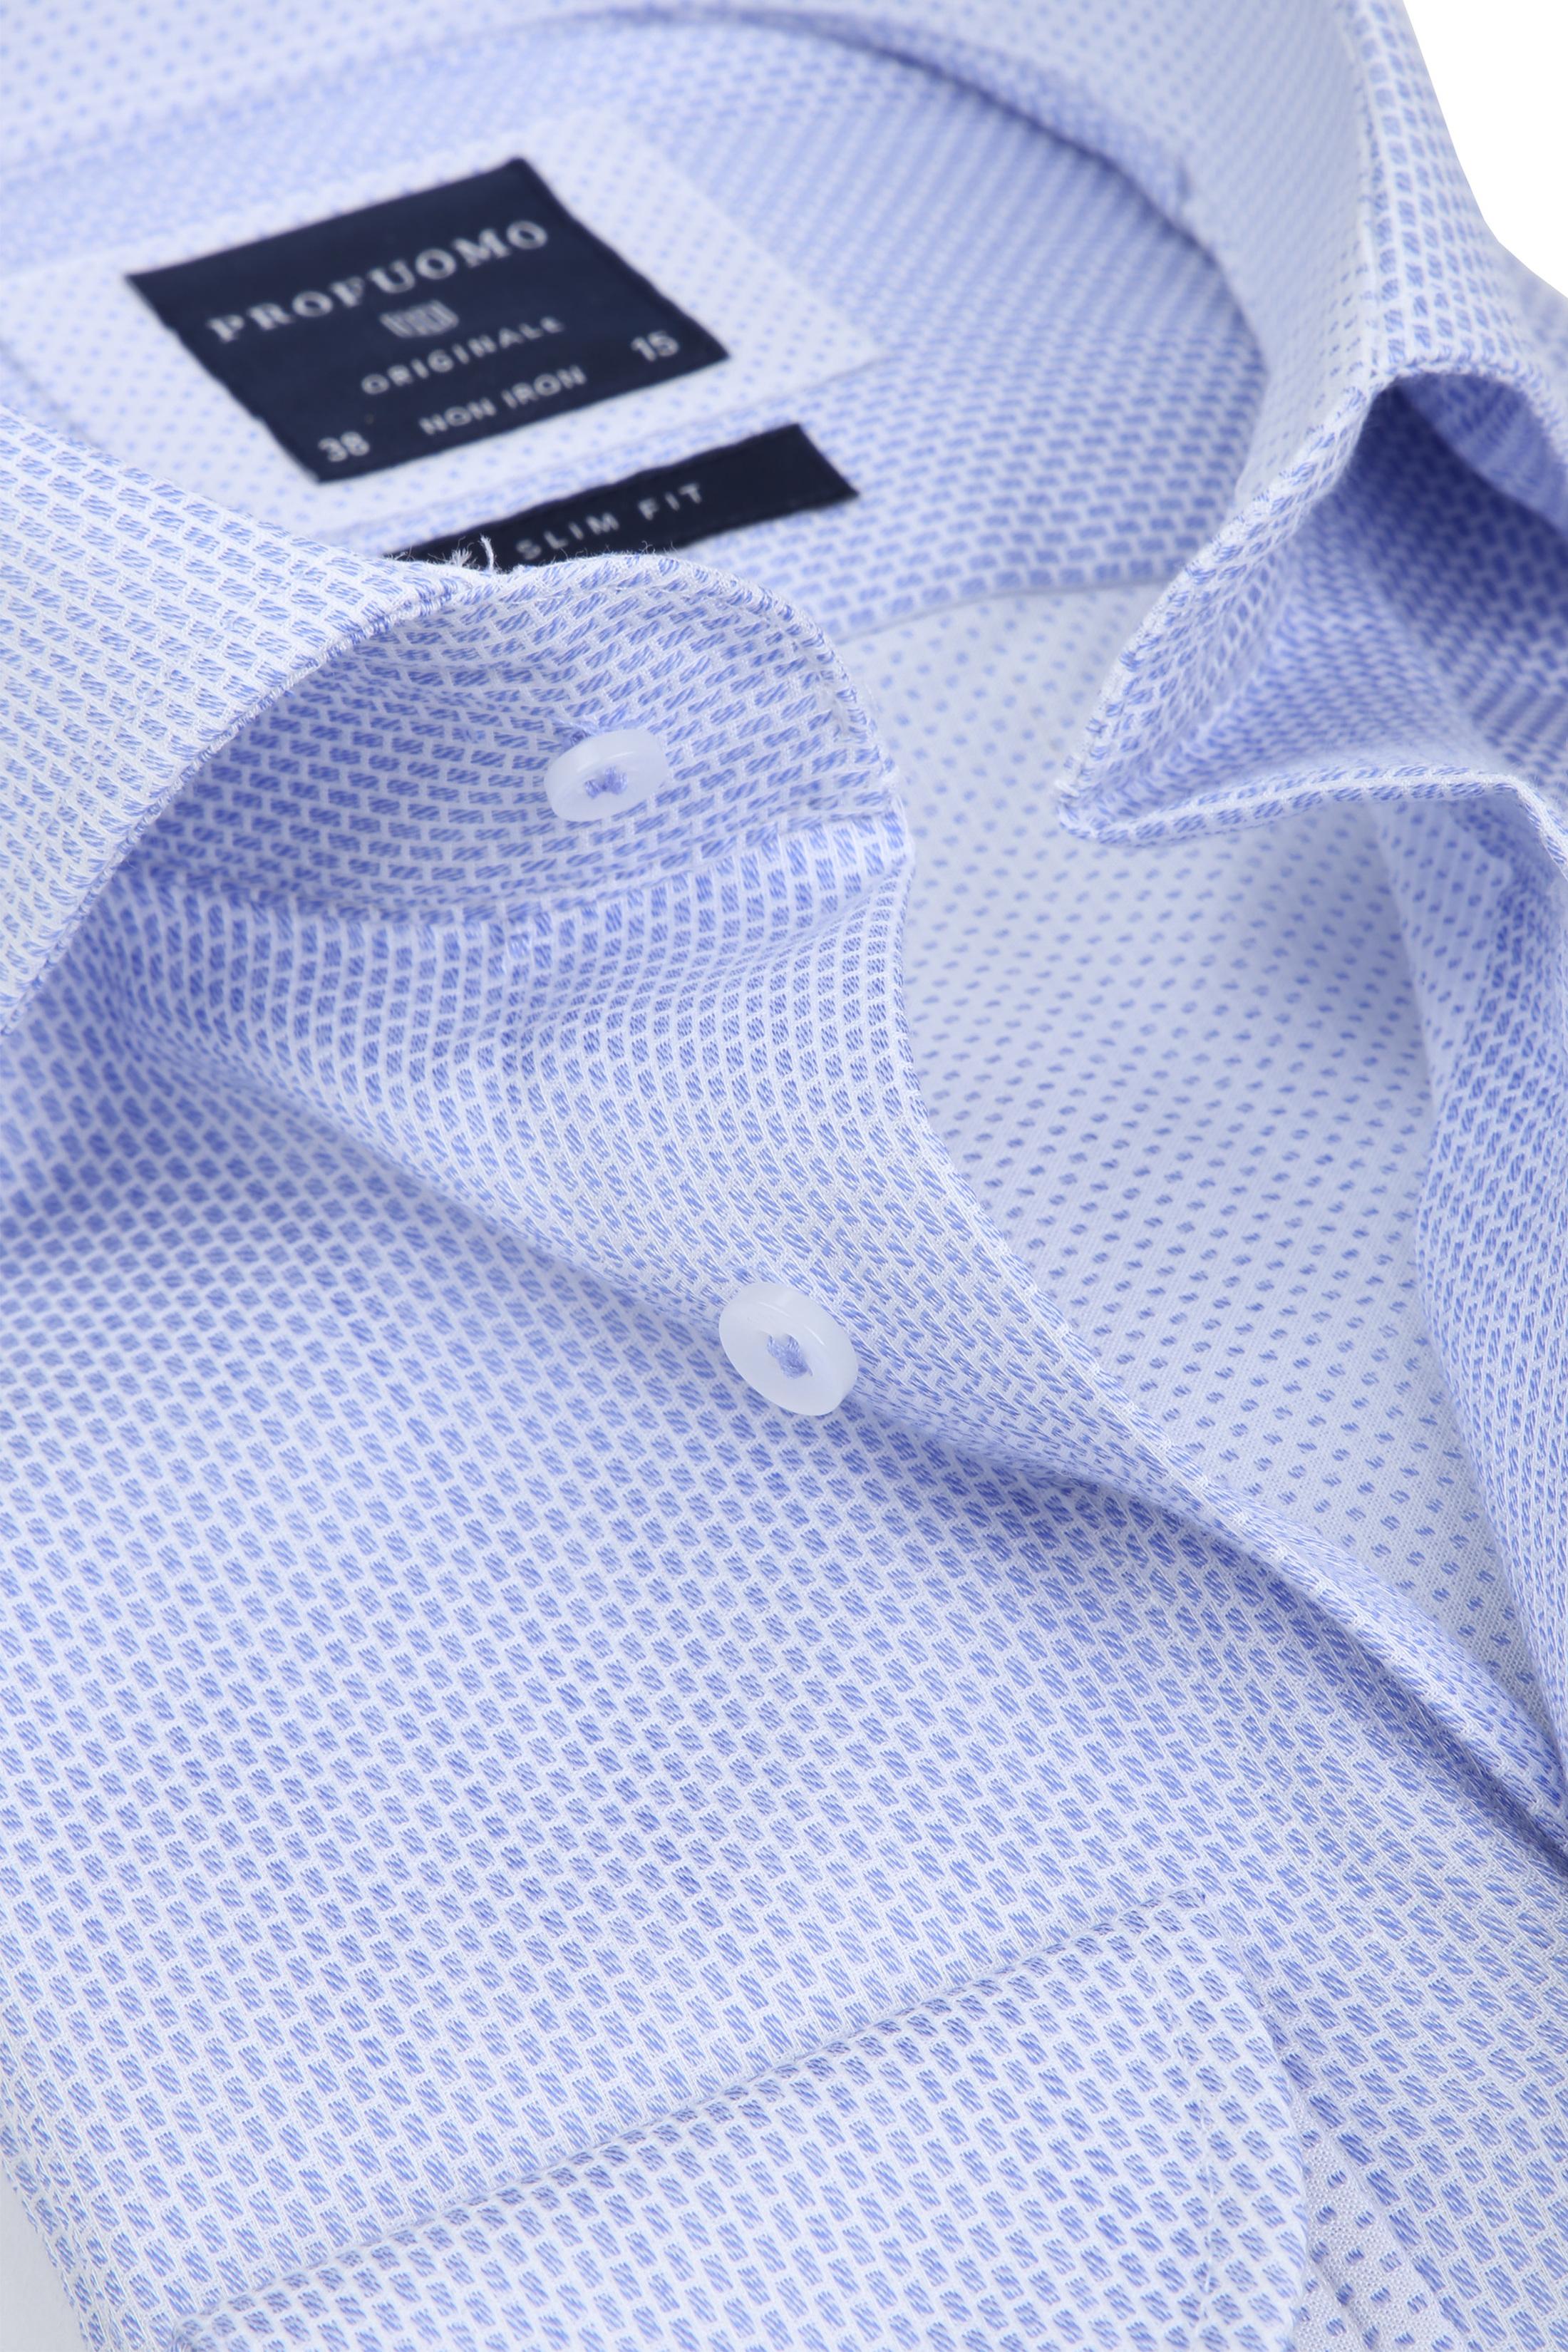 Profuomo Overhemd Dessin Blue foto 1